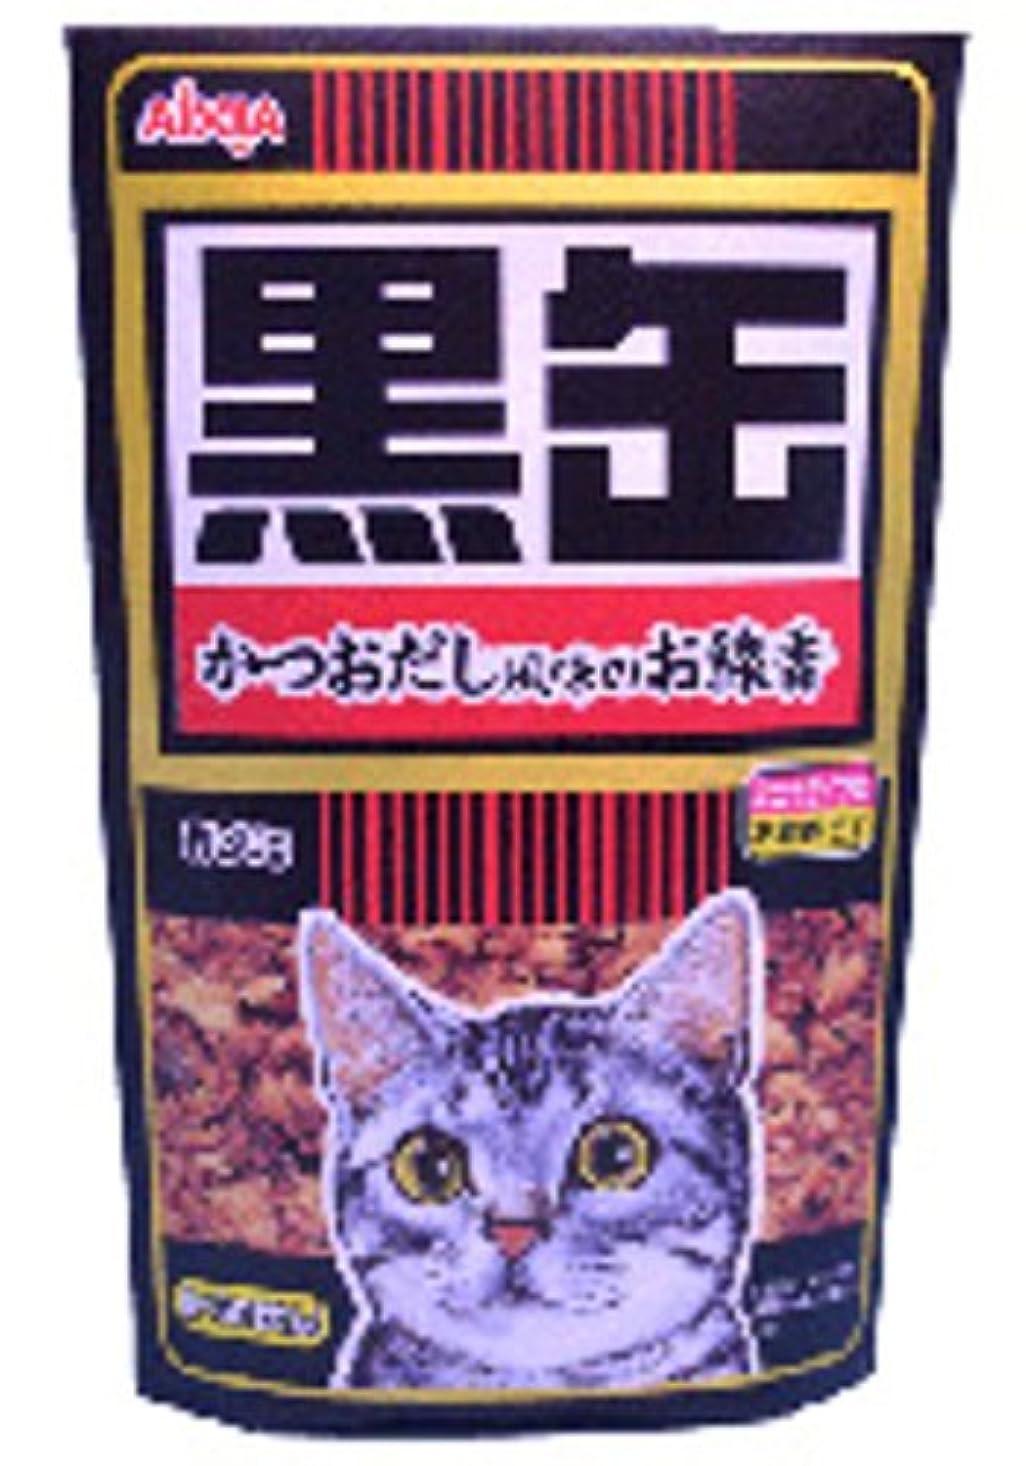 説明的必要条件コンテンポラリーカメヤマ黒缶線香 約30g